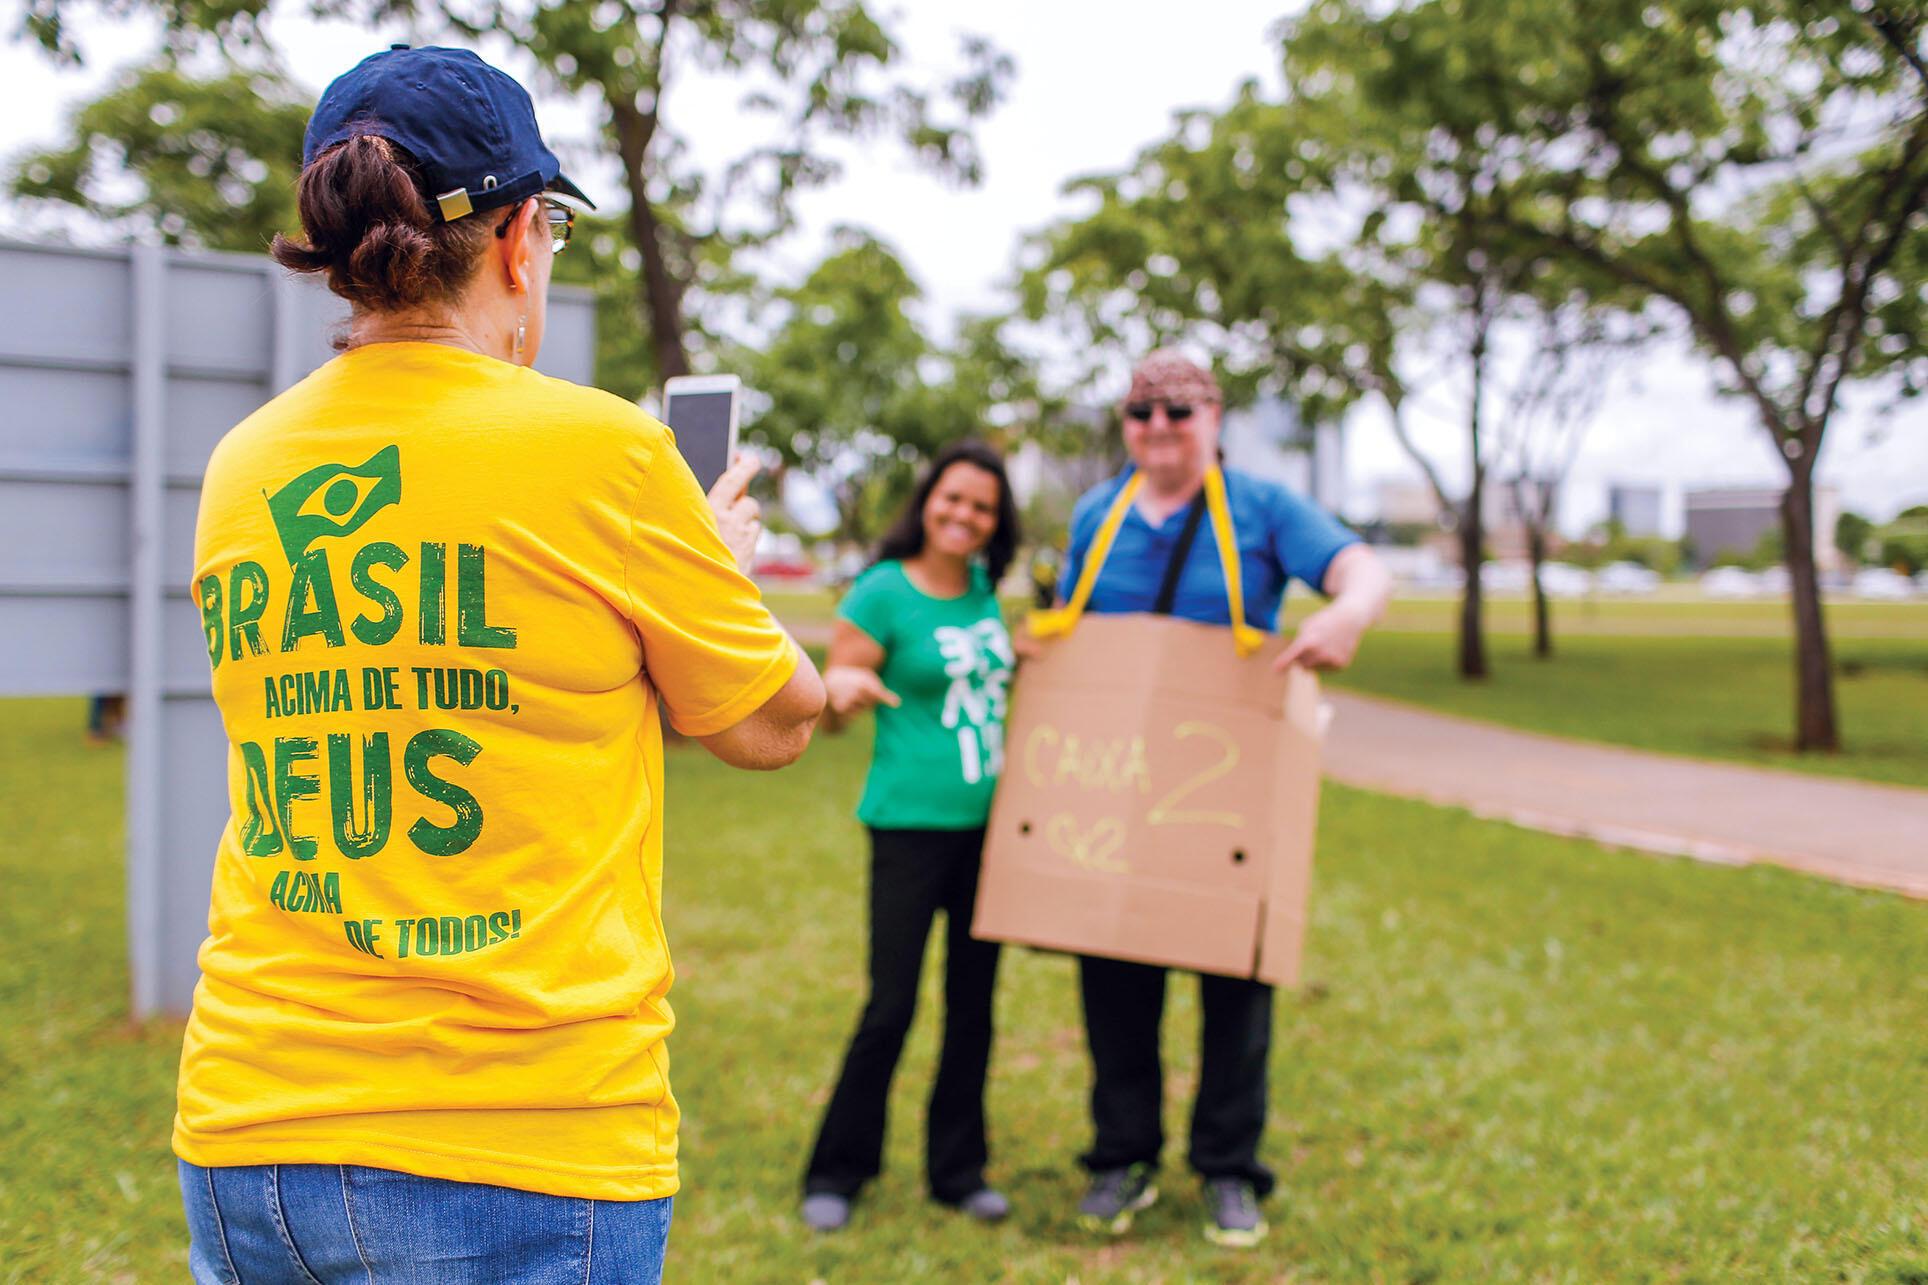 """""""Brasil acima de tudo, Deus acima de todos!"""" (Brazil above everything, God above all!). (Photo by Alessandro Dias.)"""